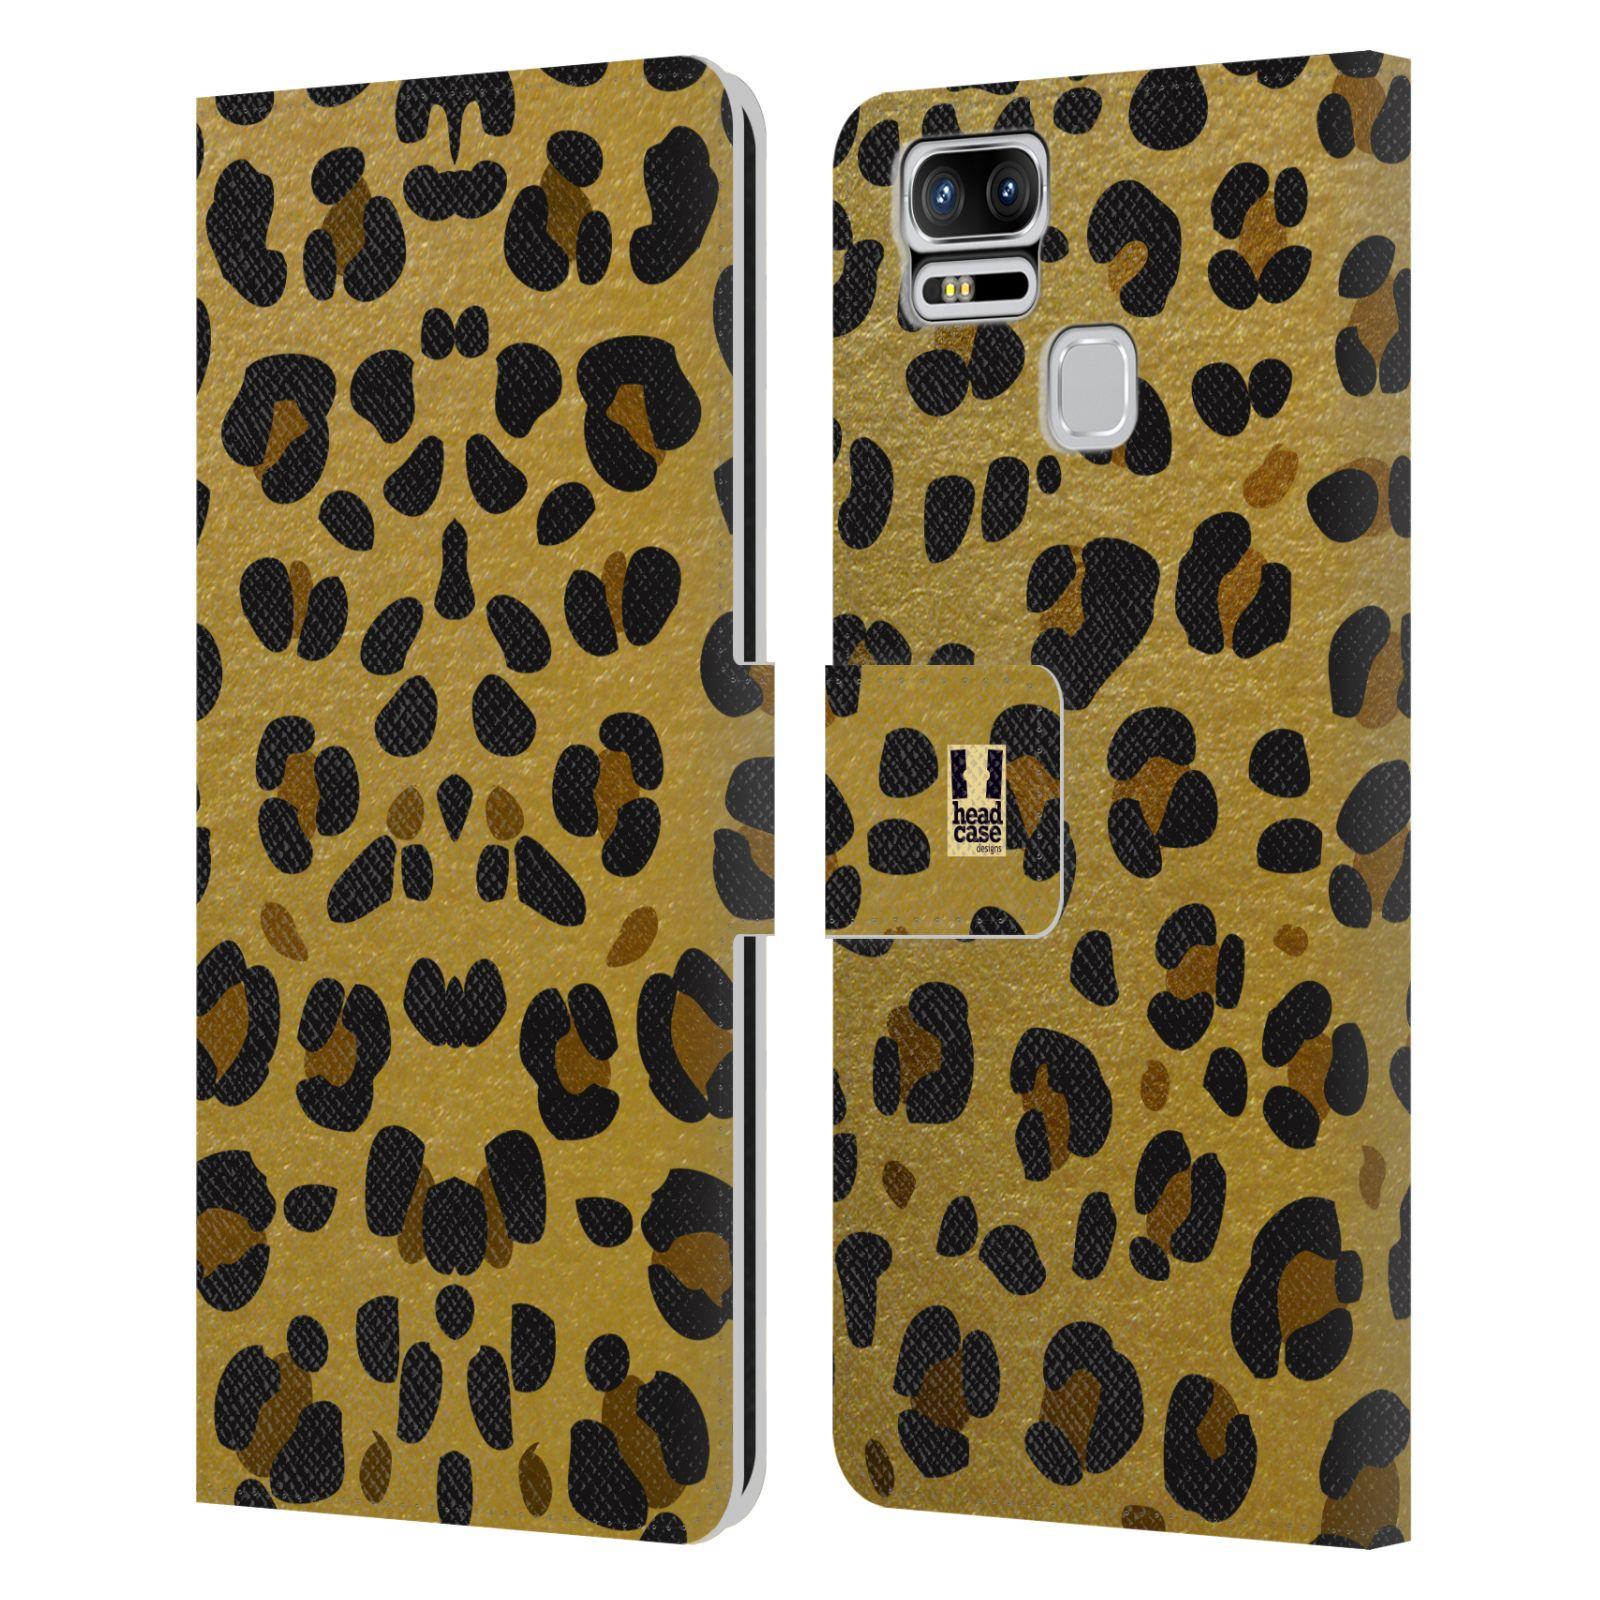 Pouzdro na mobil Asus Zenfone 3 Zoom ZE553KL - Head Case - Fashion zvířecí vzor